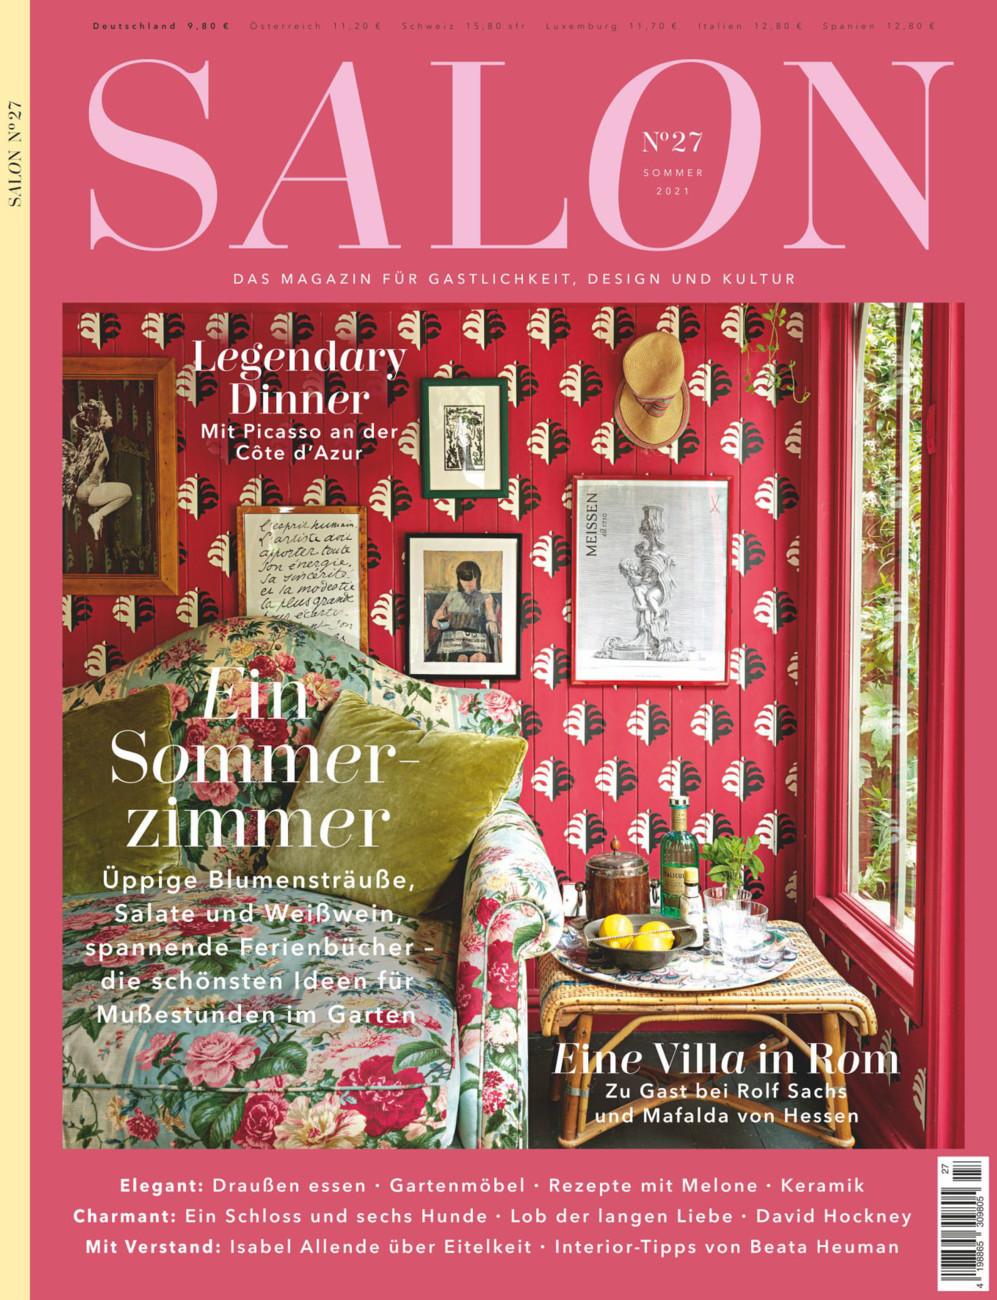 SALON. Das Magazin für Gastlichkeit, Design und Kultur vom Samstag, 24.07.2021